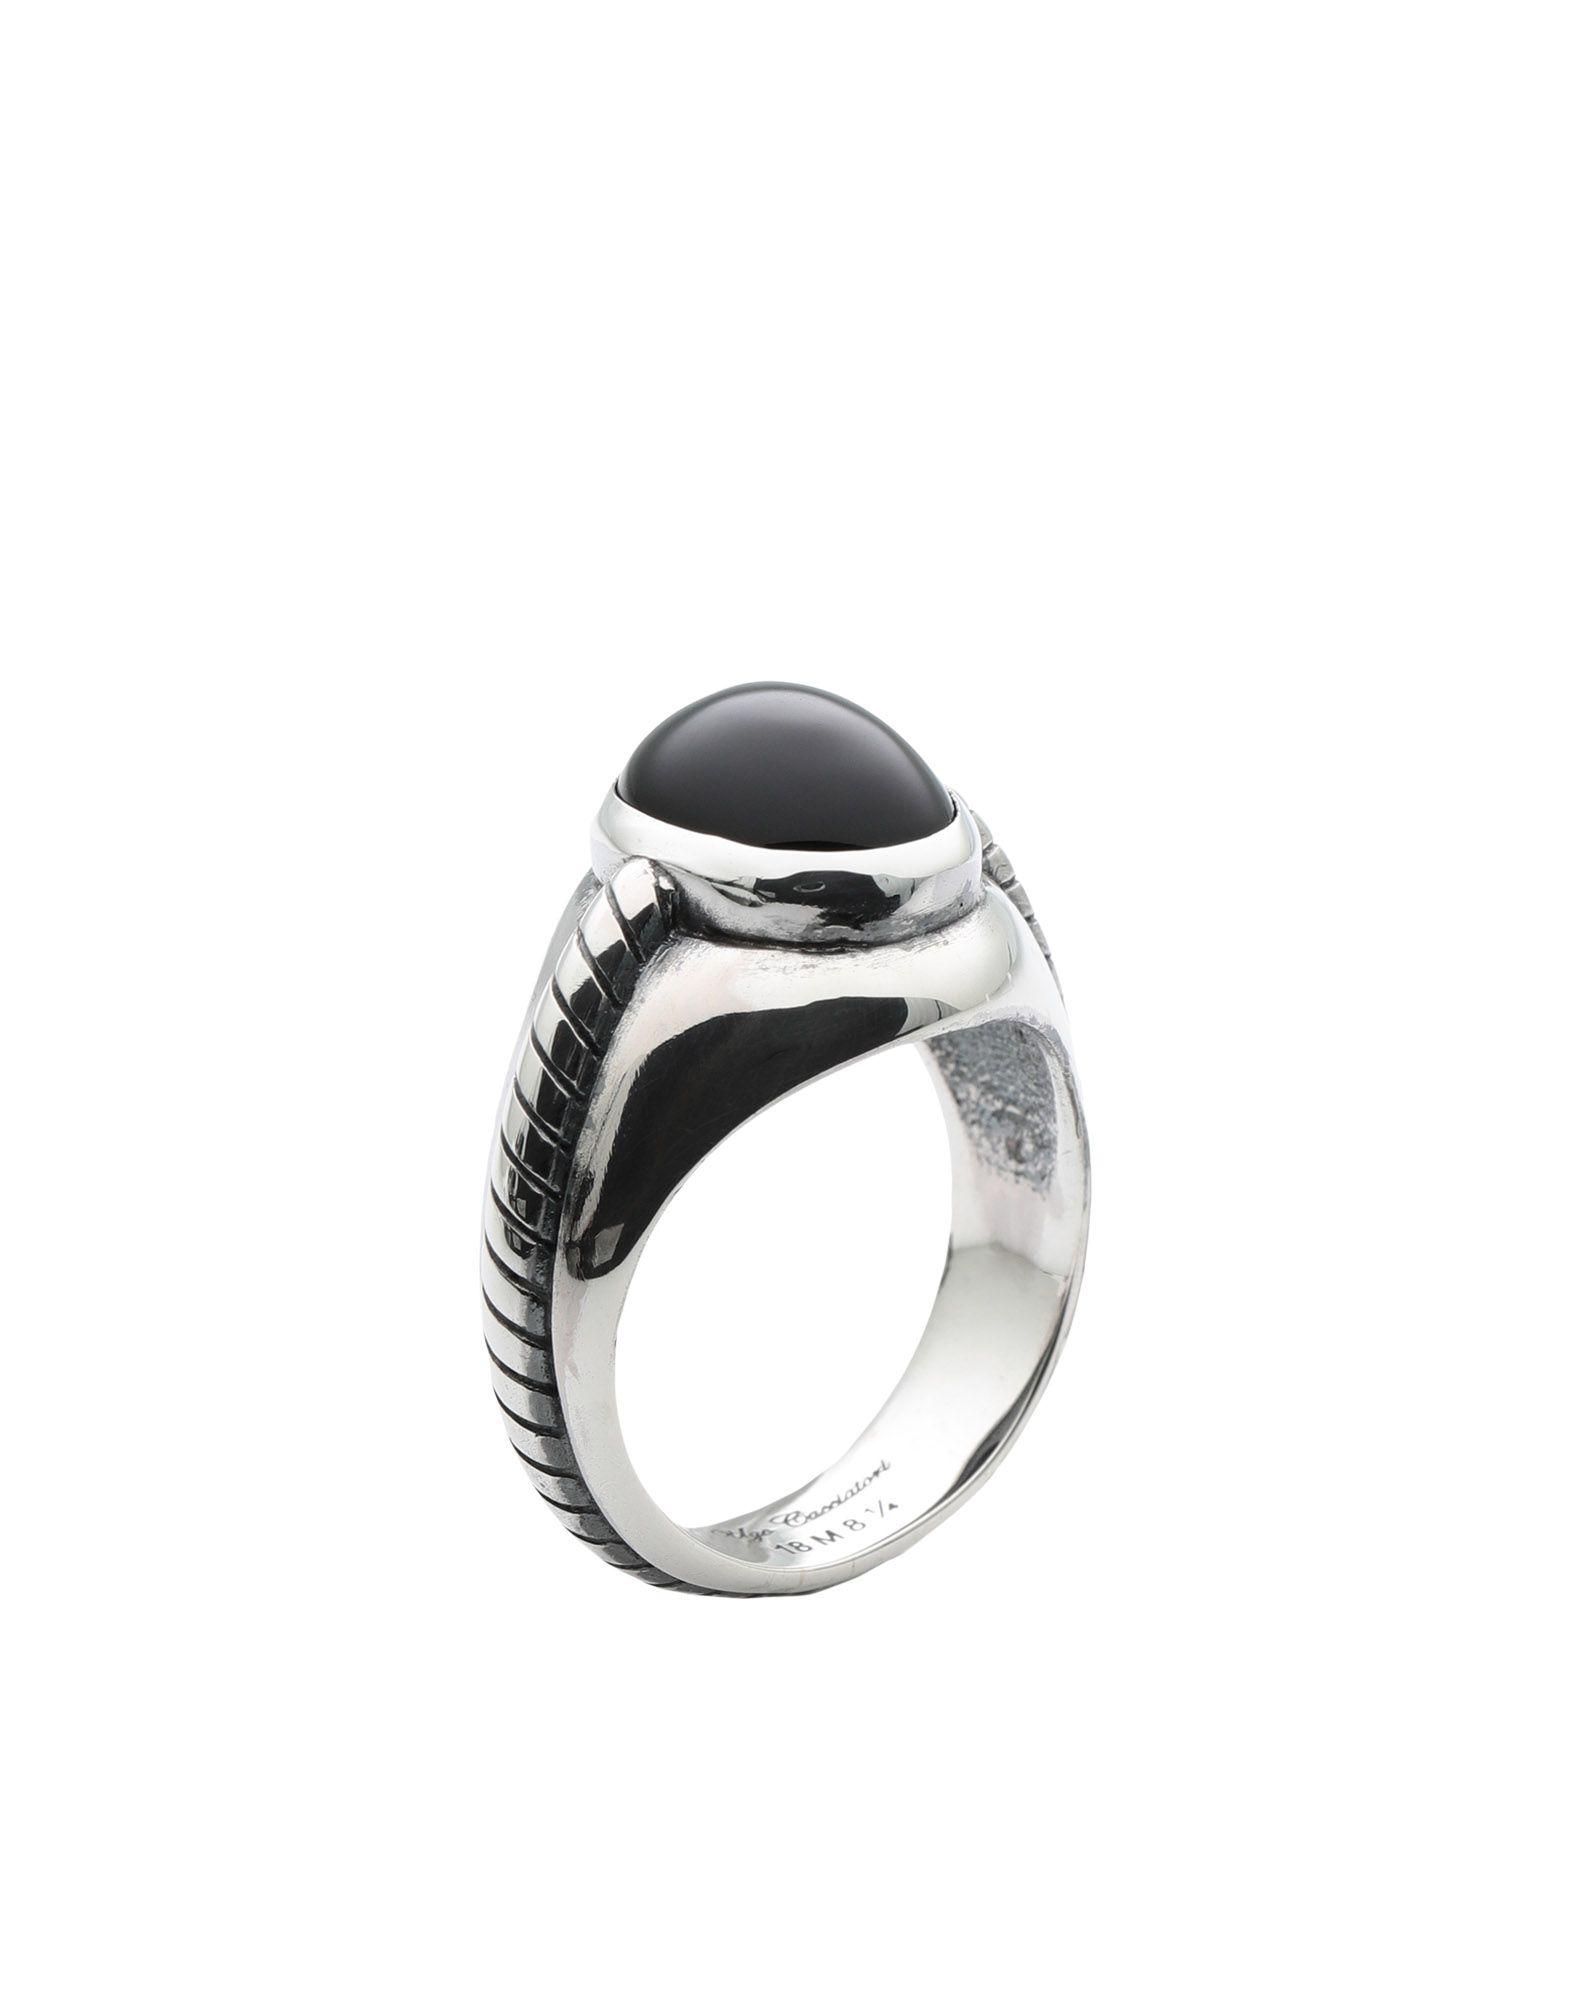 《セール開催中》UGO CACCIATORI メンズ 指輪 シルバー 8.5 シルバー925/1000 / オニキス CABLE CABOCHON RING